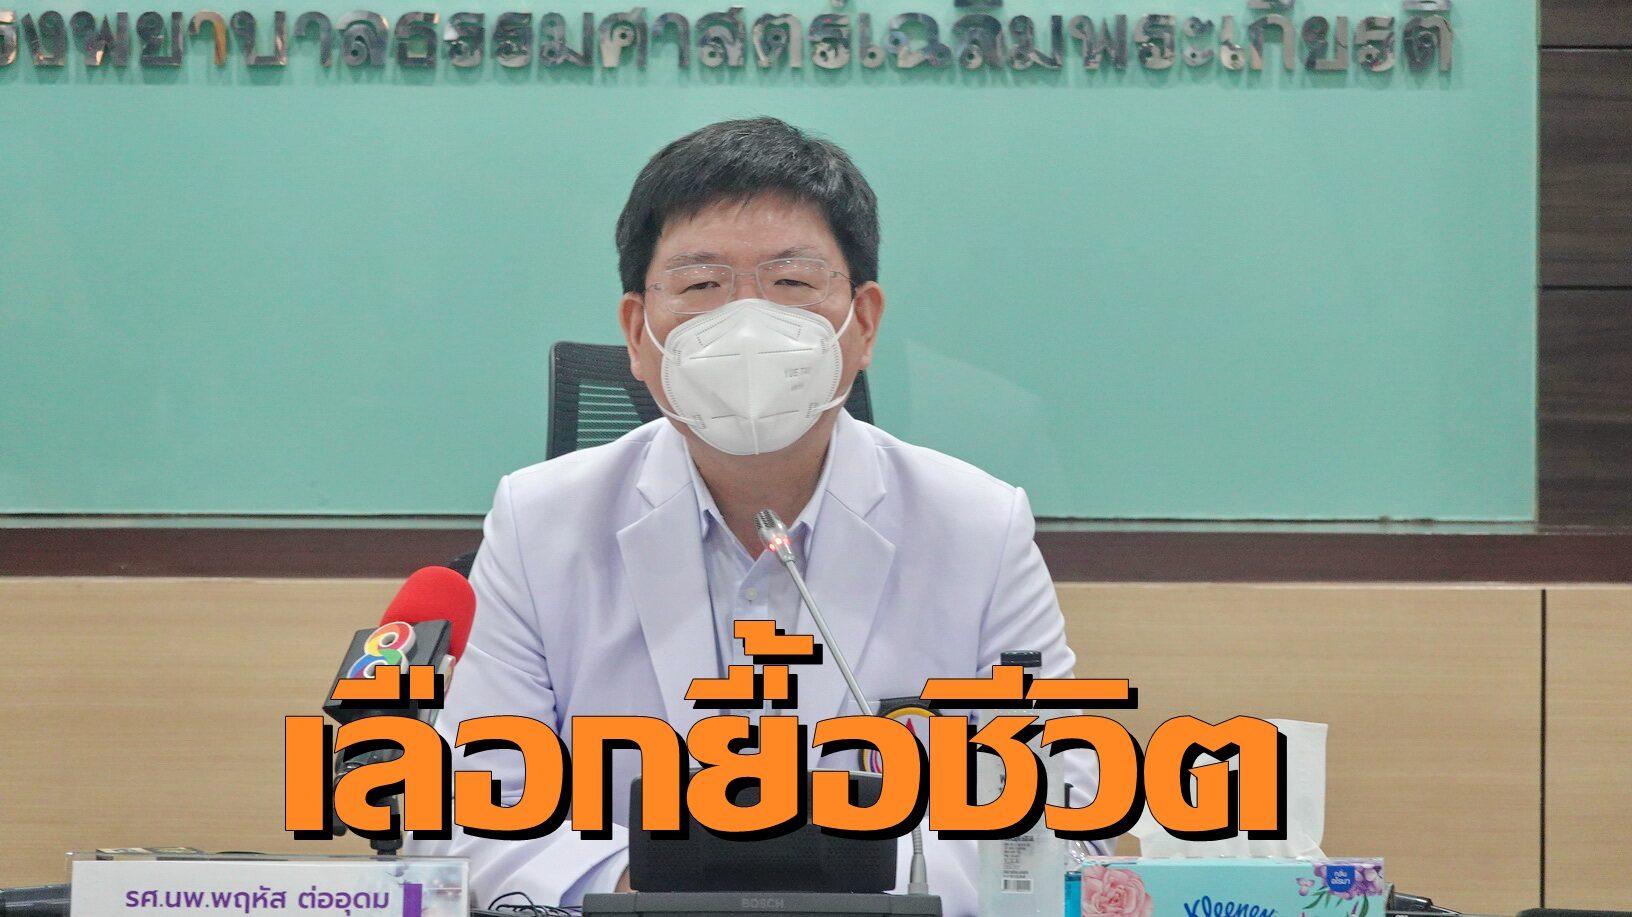 ปทุมธานีวิกฤต หมอโรงพยาบาลต้องเลือกยื้อชีวิต ไม่ใส่ท่อช่วยหายใจผู้ป่วยโควิด